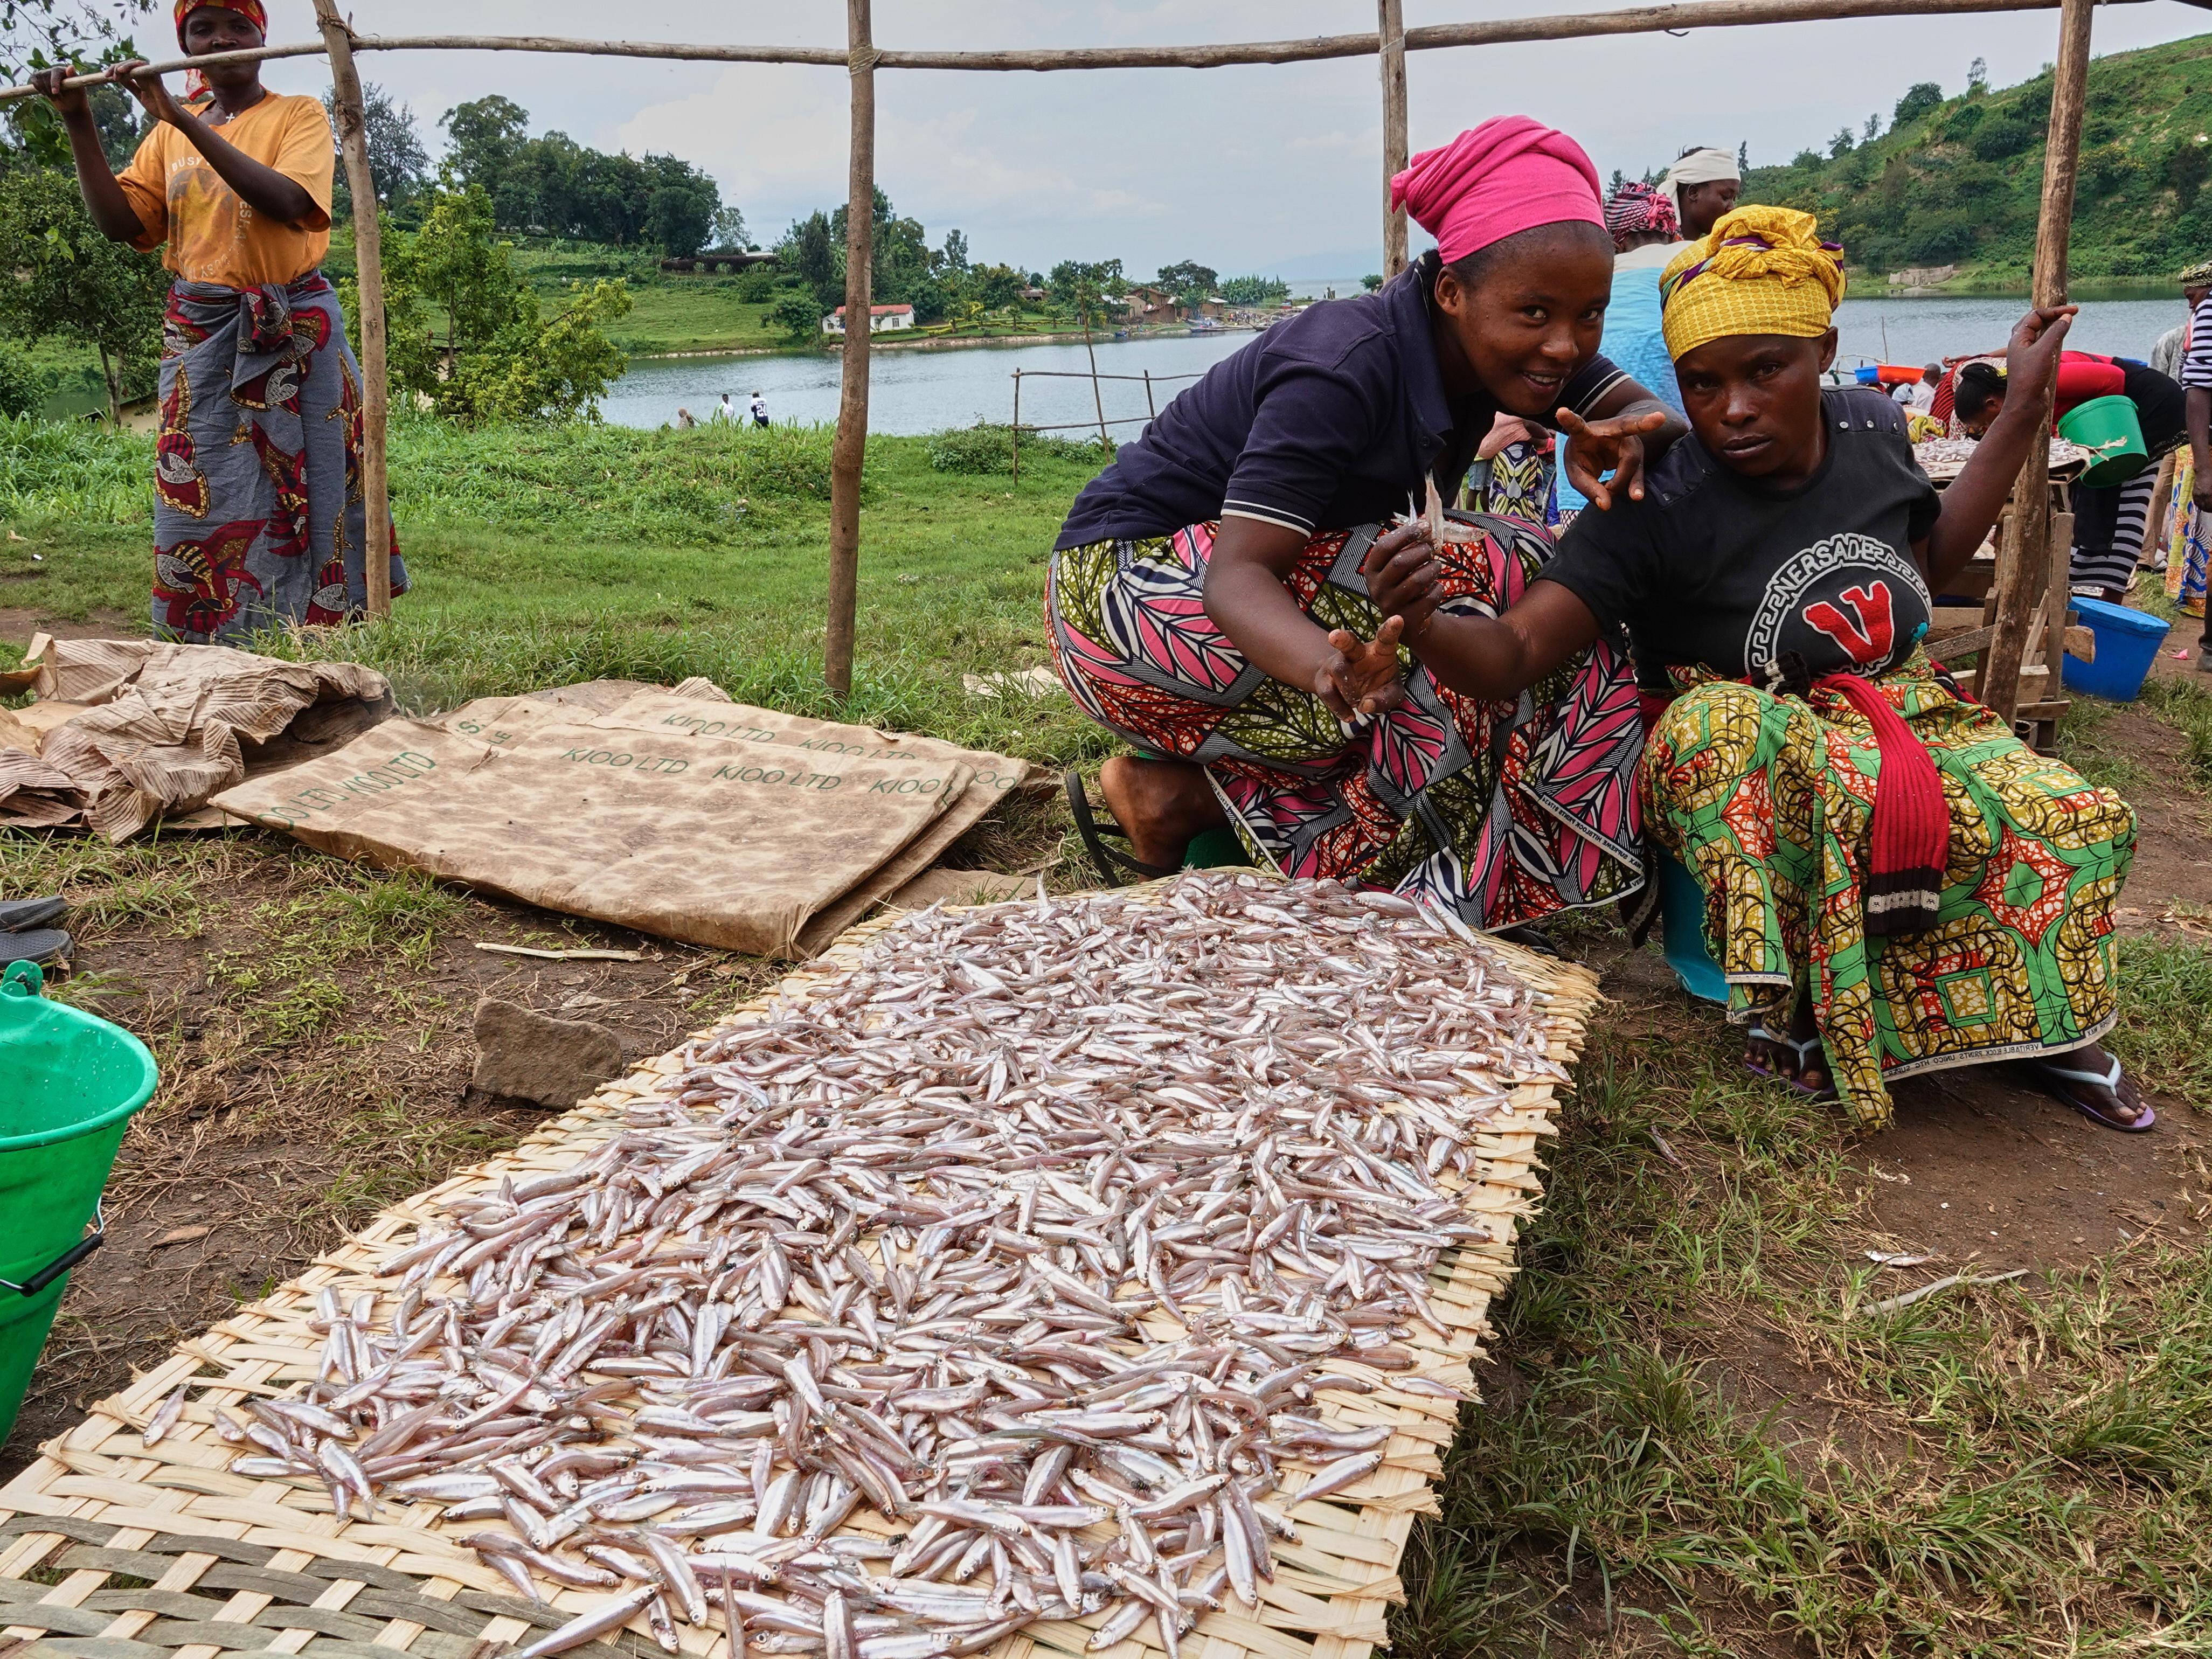 Des commerçants près d'un étal de poissons.